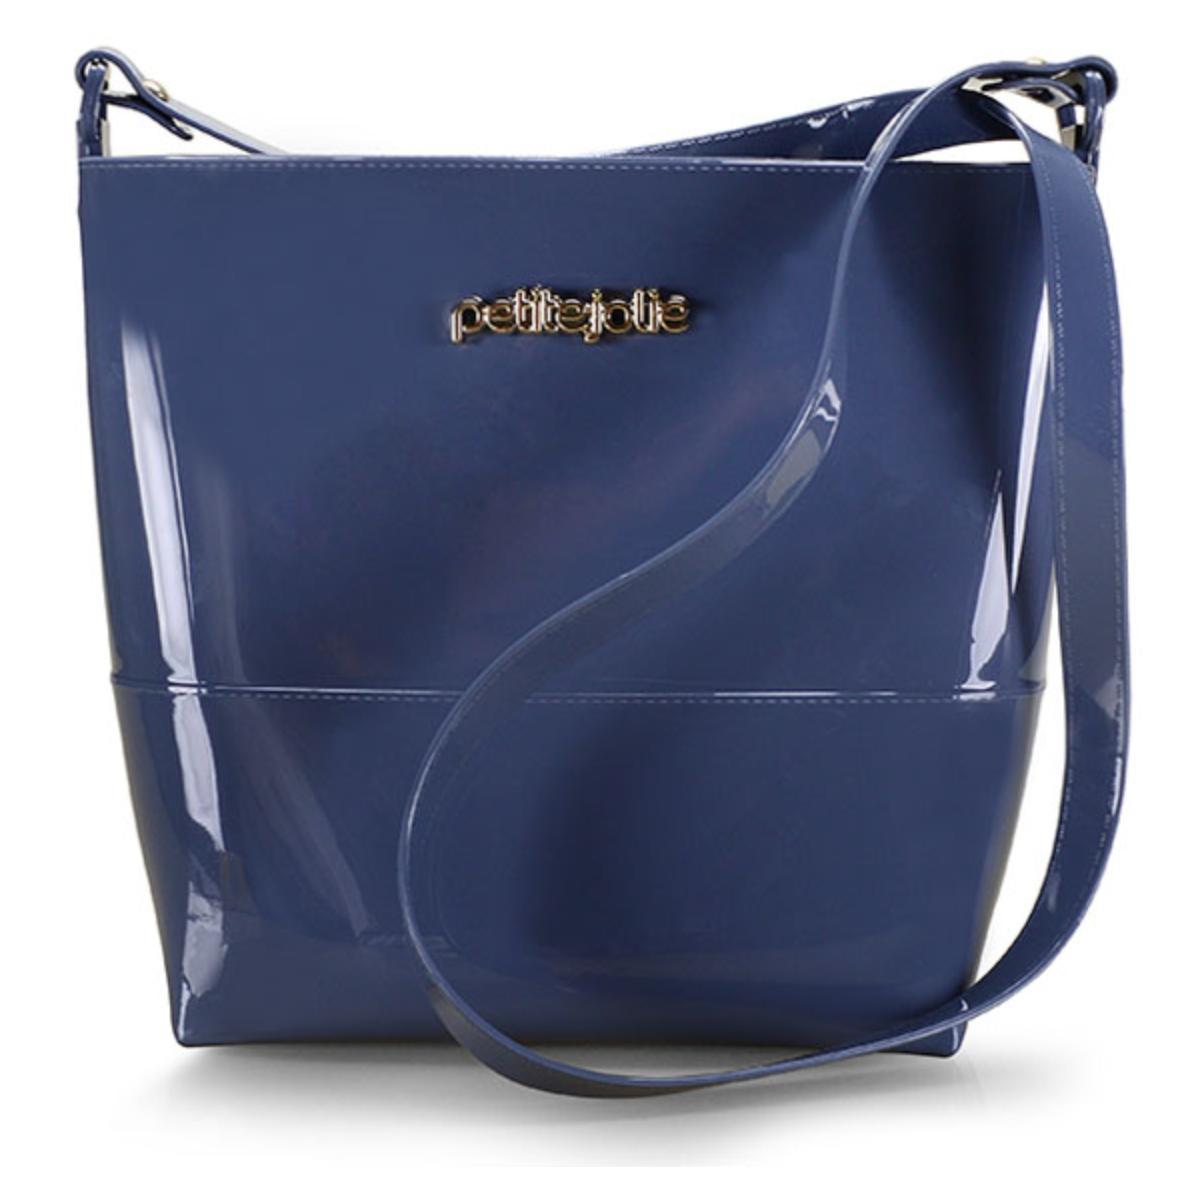 Bolsa Feminina Petite Jolie Pj4117 Azul Mule